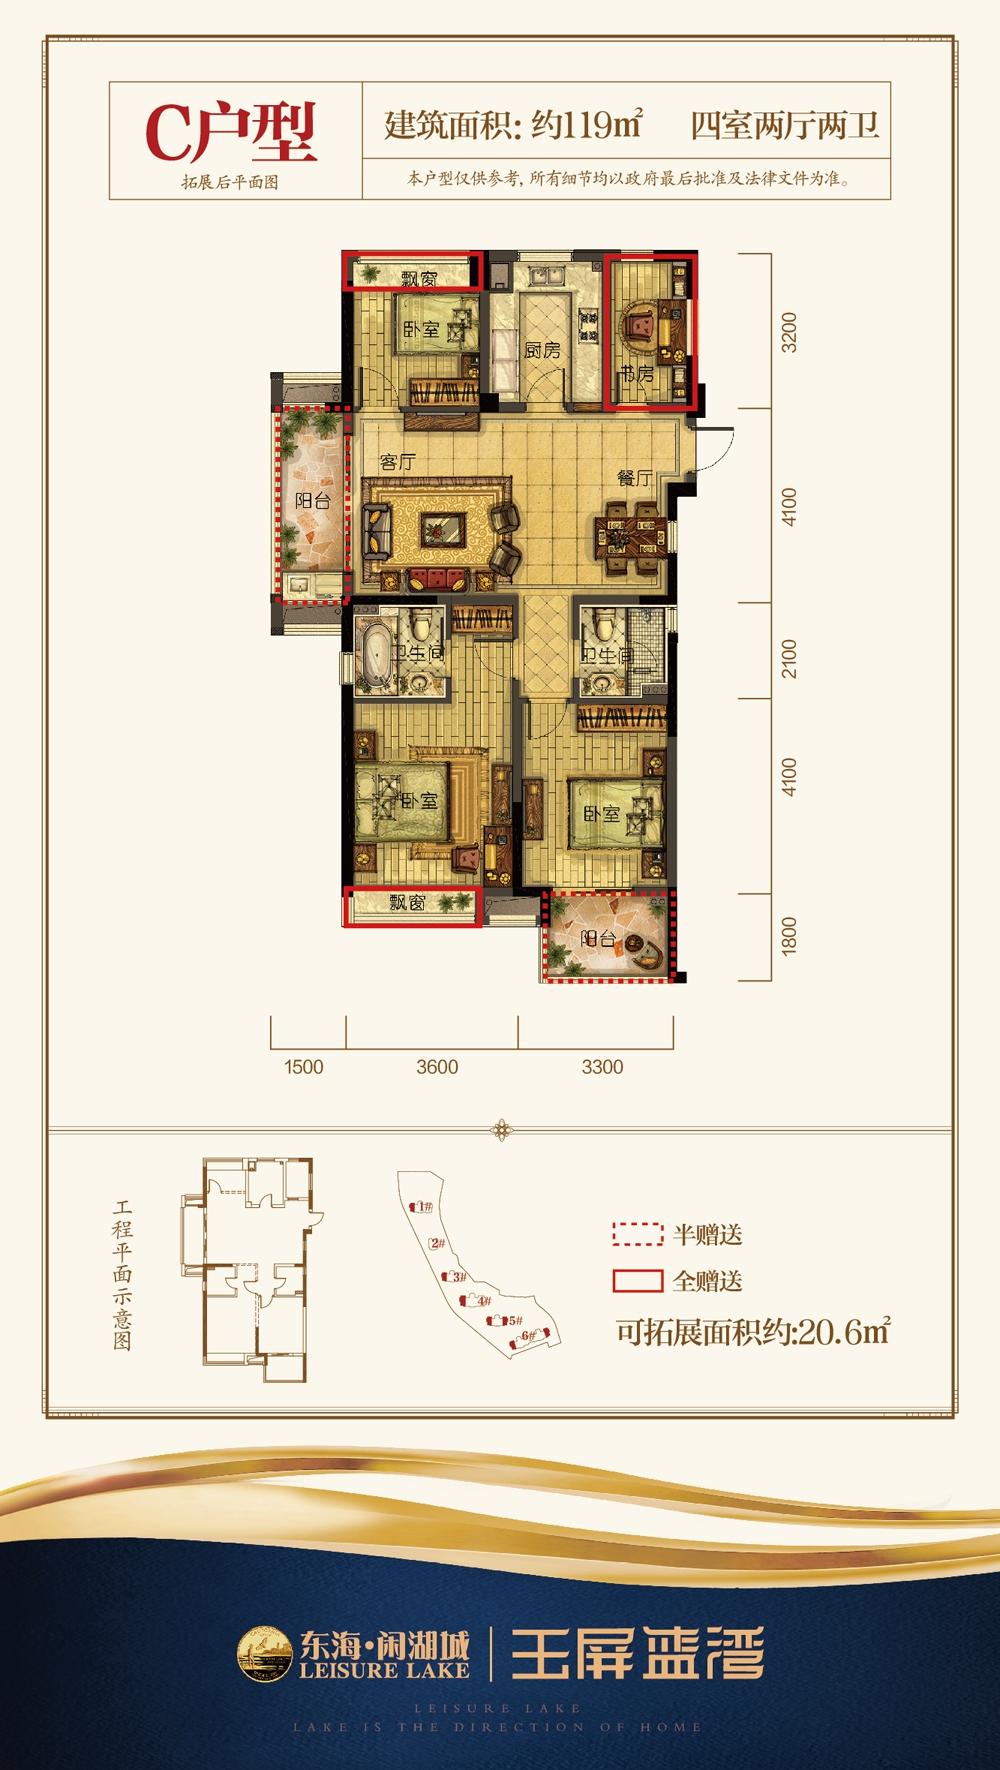 东海闲湖城玉屏蓝湾1、3—6号楼119方户型图